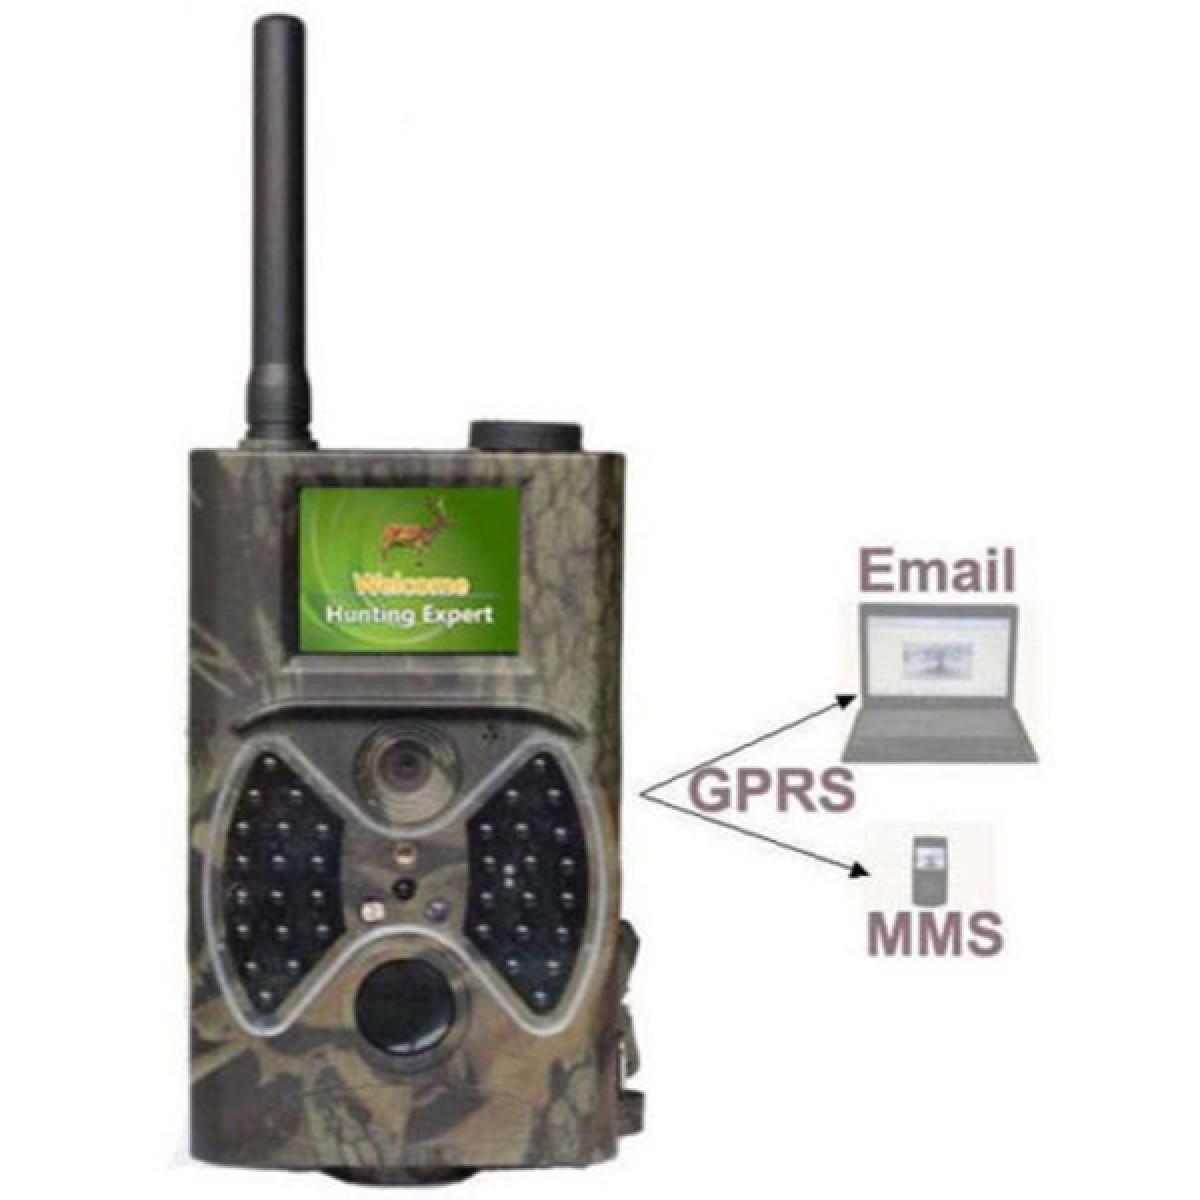 Κρυφή κάμερα που στέλνει MMS και EMAIL HC-300M SUNTEK